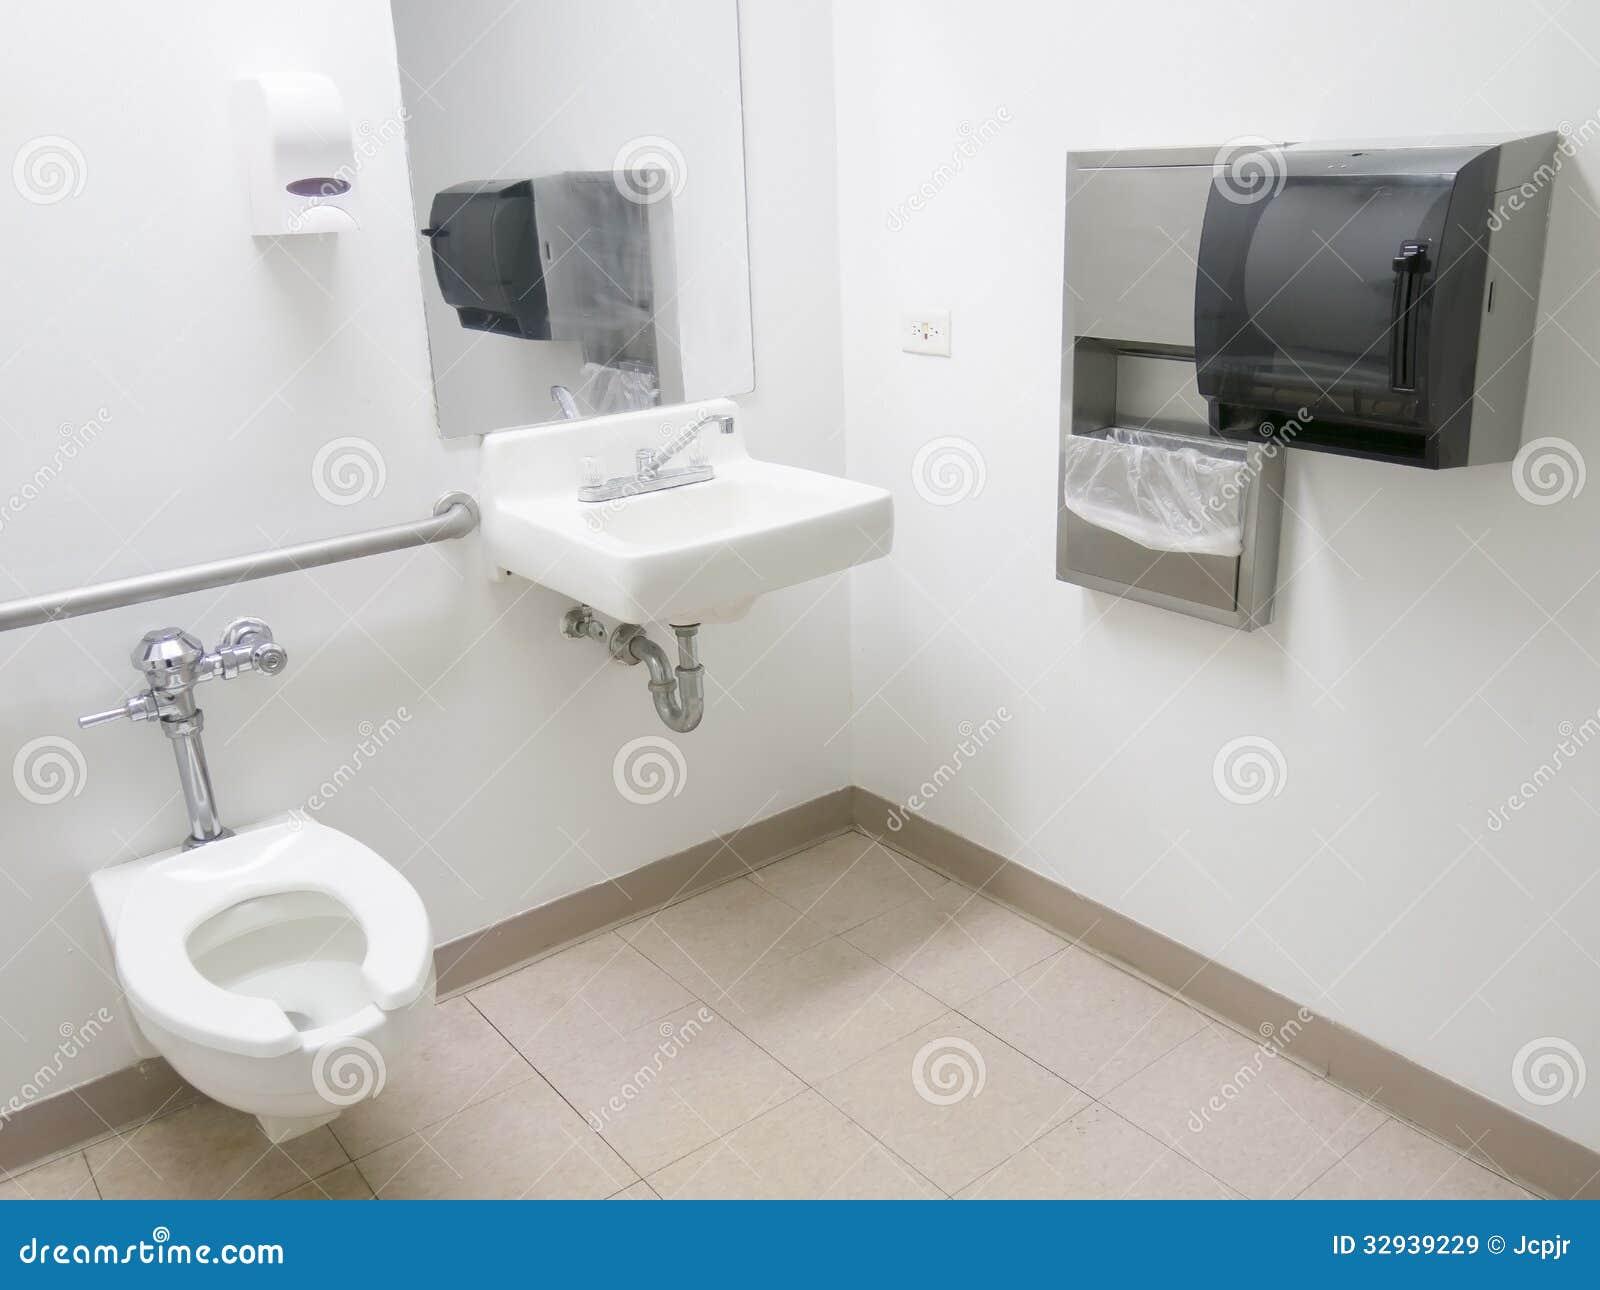 salle de bains d 39 h pital images libres de droits image